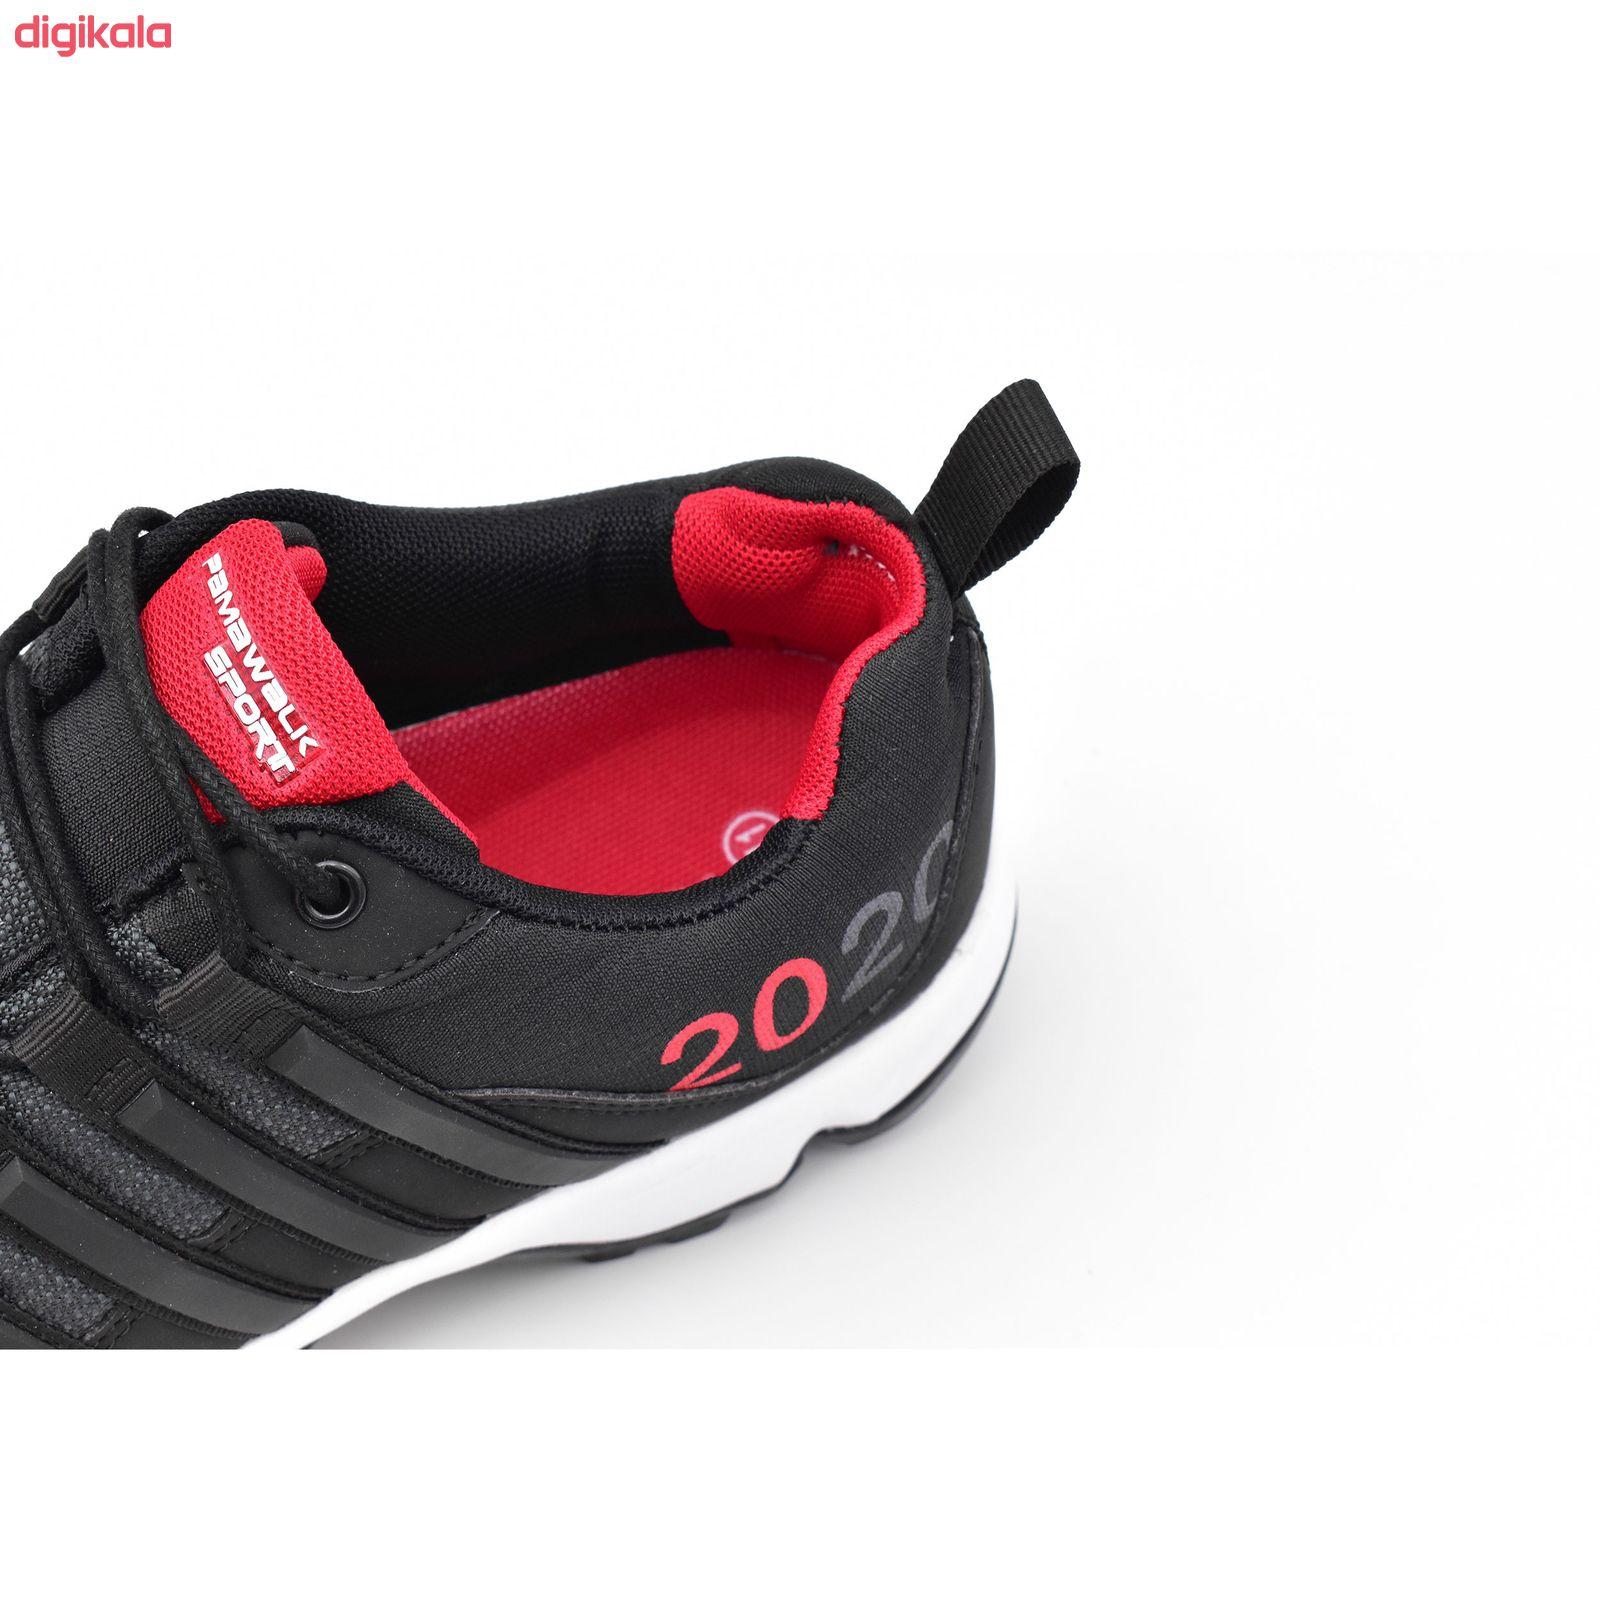 کفش پیاده روی مردانه پاما مدل TT کد 1080-2 main 1 11